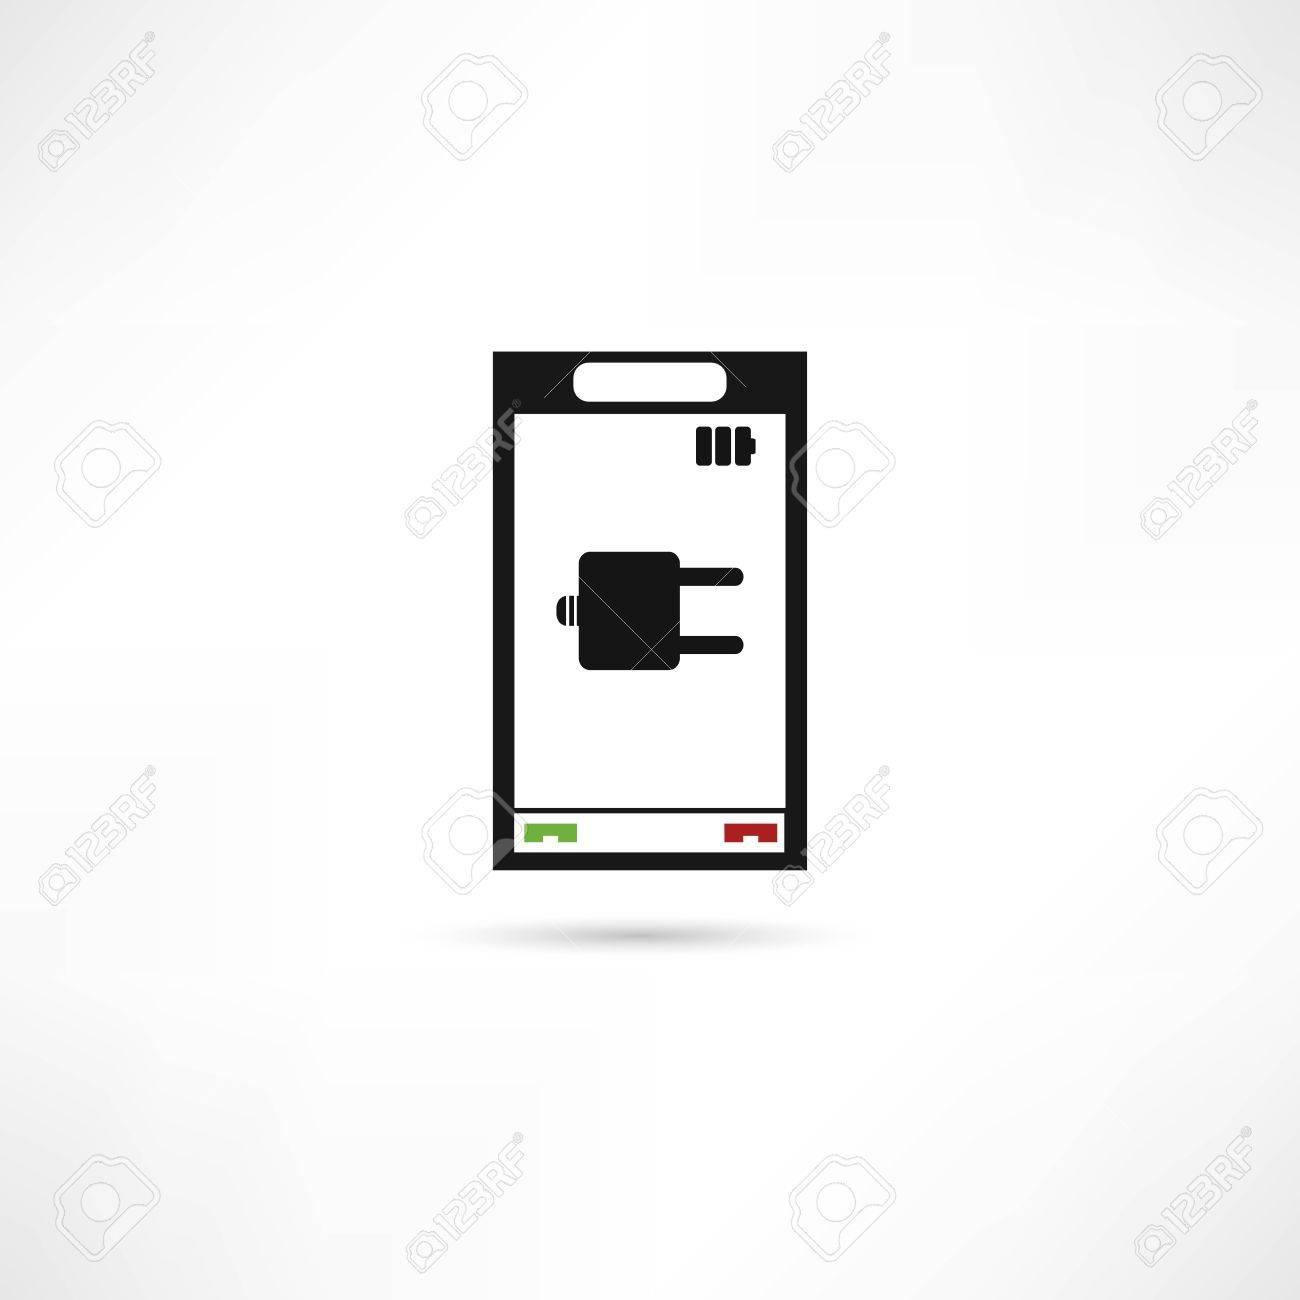 phone icon Stock Vector - 22536156